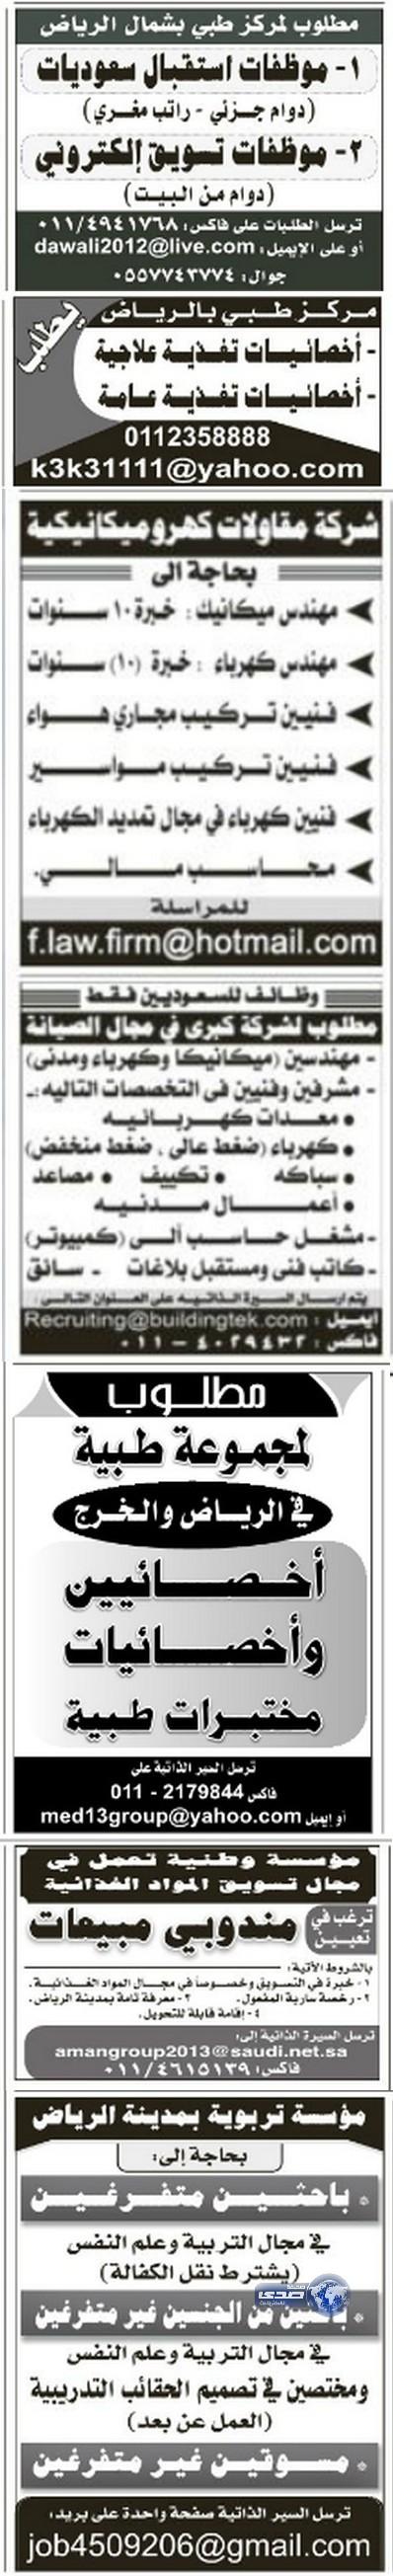 وظائف القطاع الخاص الخميس 19-5-1435 ، وظائف خاصة اليوم 20-3-2014